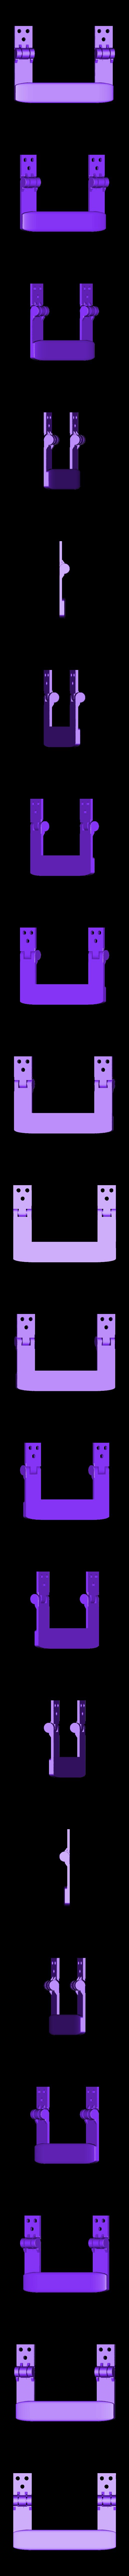 manija con bisagra (1).stl Télécharger fichier STL gratuit Poignée à charnière • Plan pour impression 3D, mikrotech